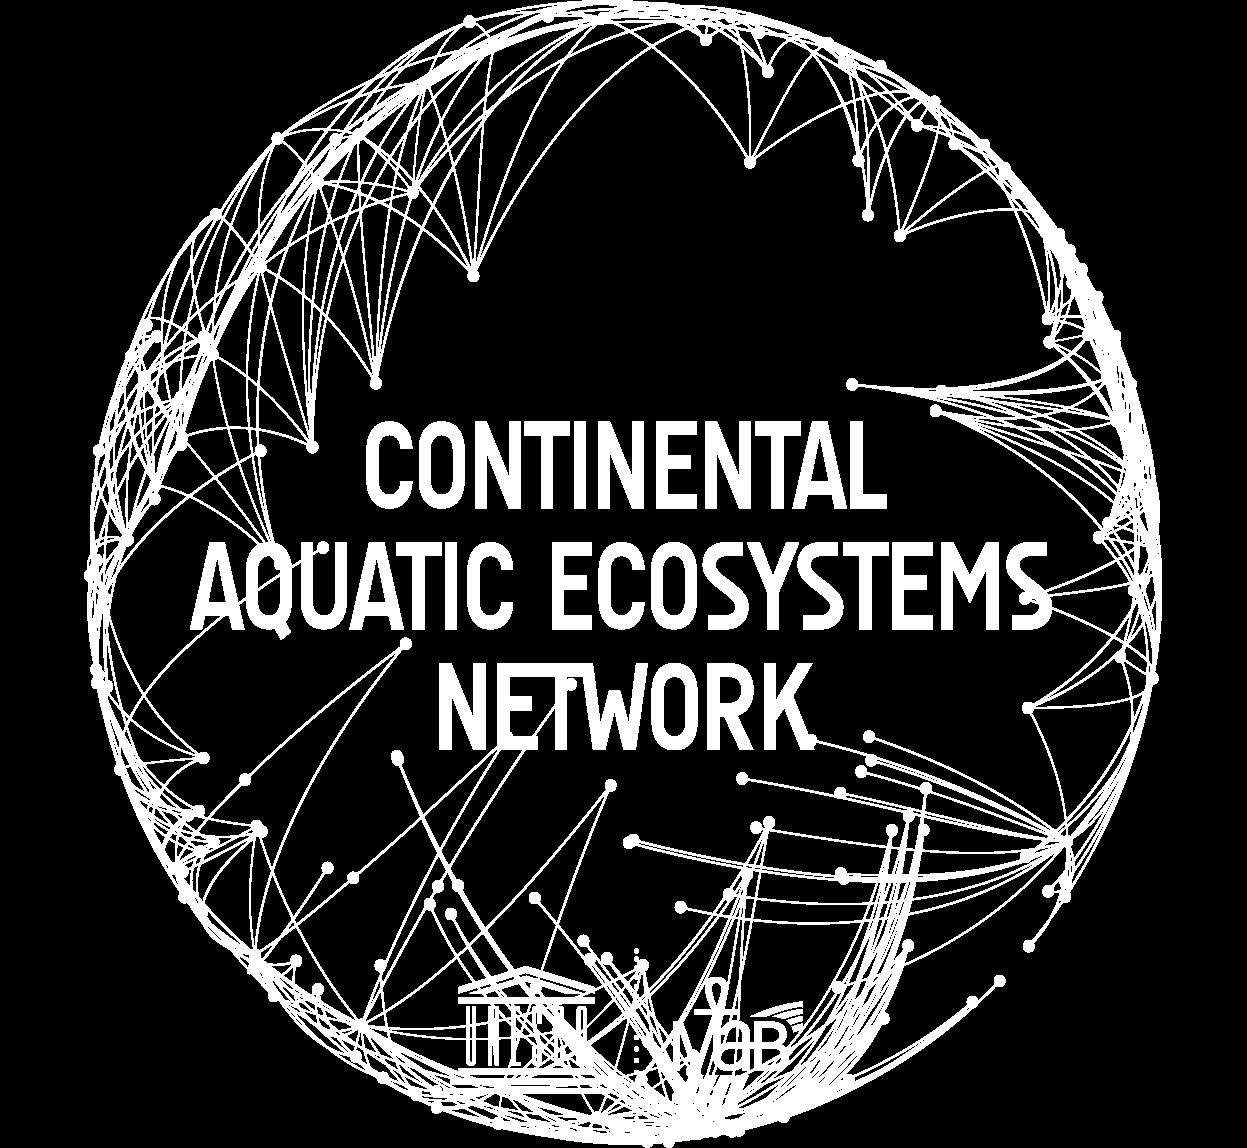 CAE MAB network